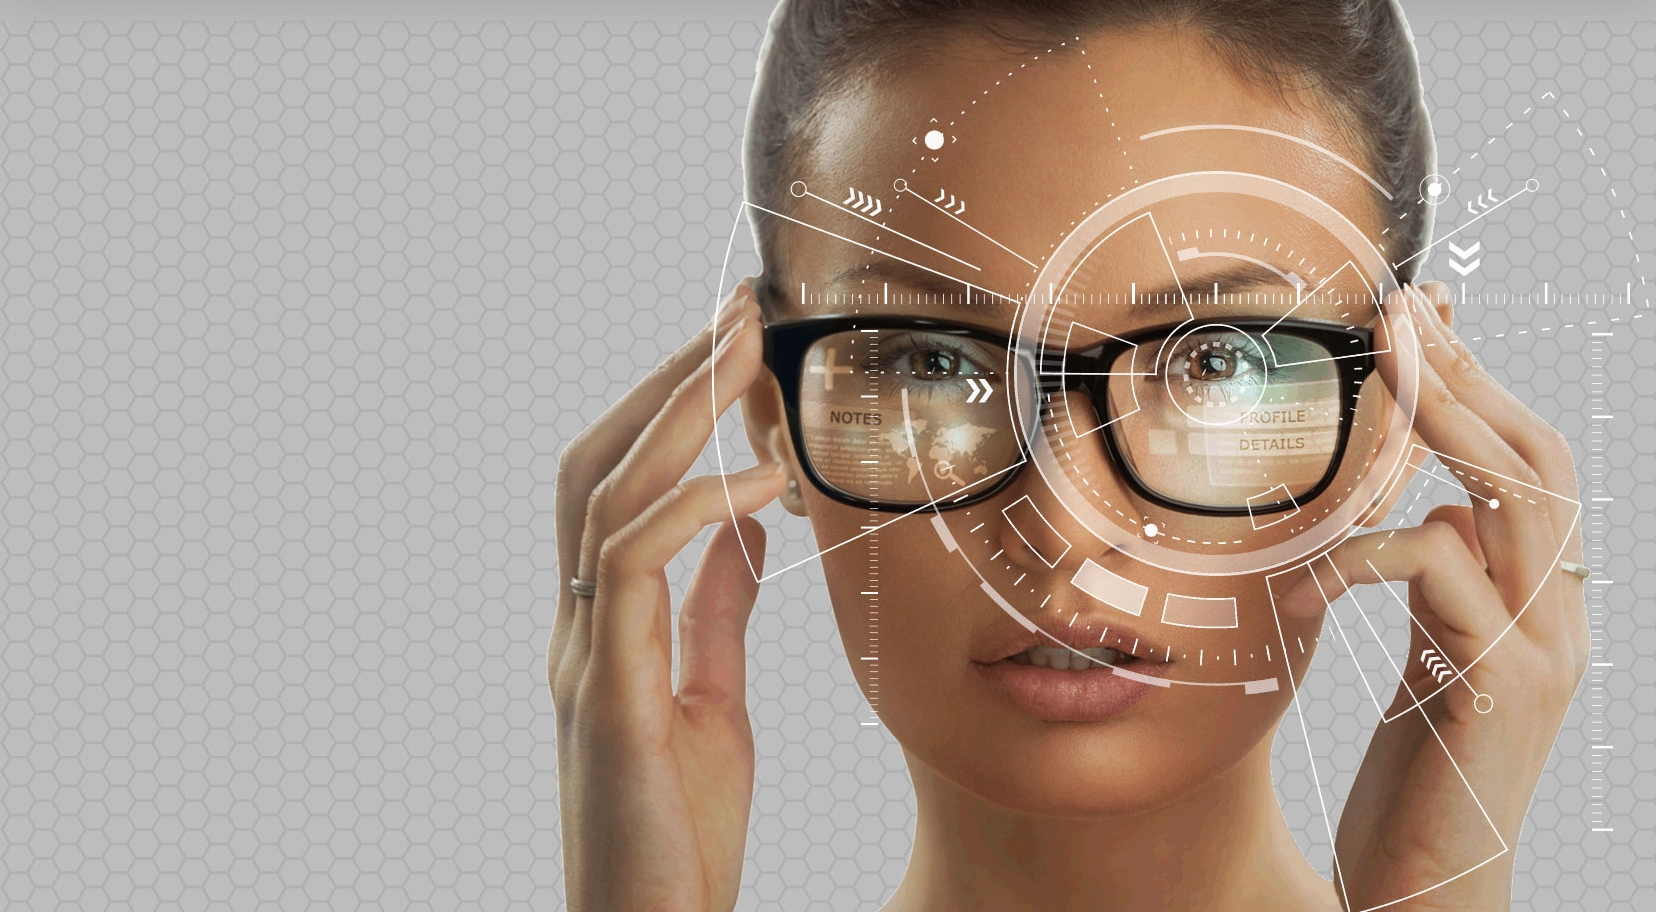 Estos lentes cambian la manera de ver